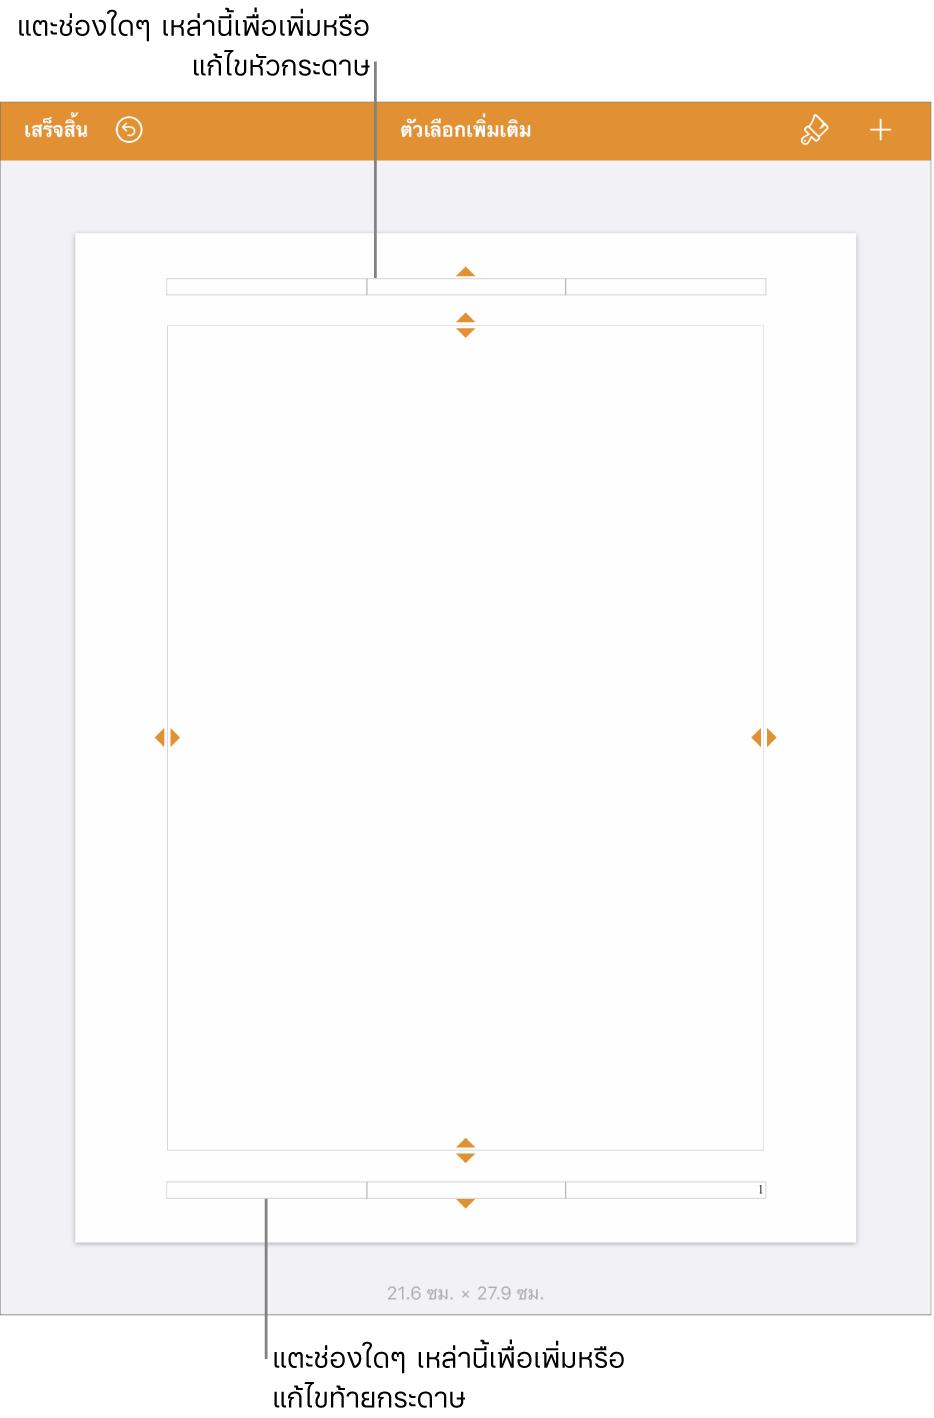 มุมมองตัวเลือกเพิ่มเติมที่มีสามช่องที่ด้านบนสุดของเอกสารสำหรับหัวกระดาษ และสามช่องที่ด้านล่างสุดสำหรับท้ายกระดาษ